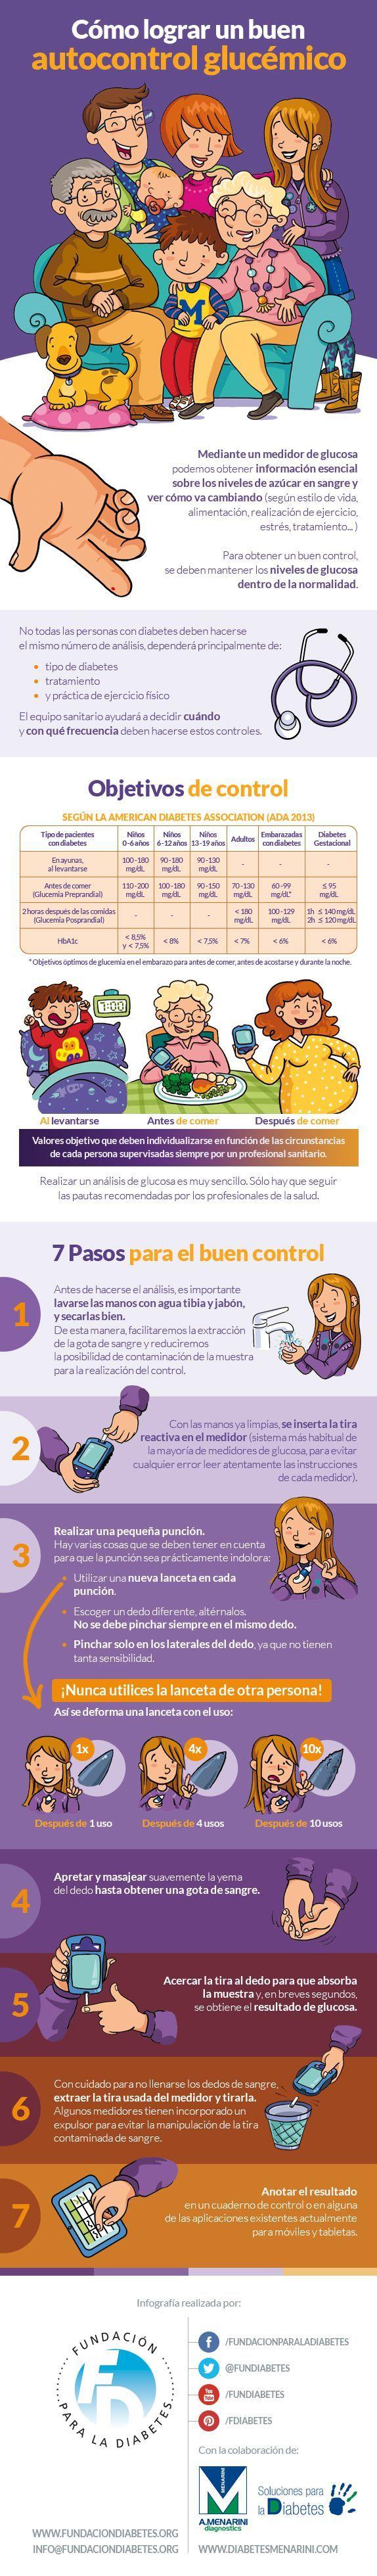 Infografía: Cómo lograr un buen autocontrol glucémico